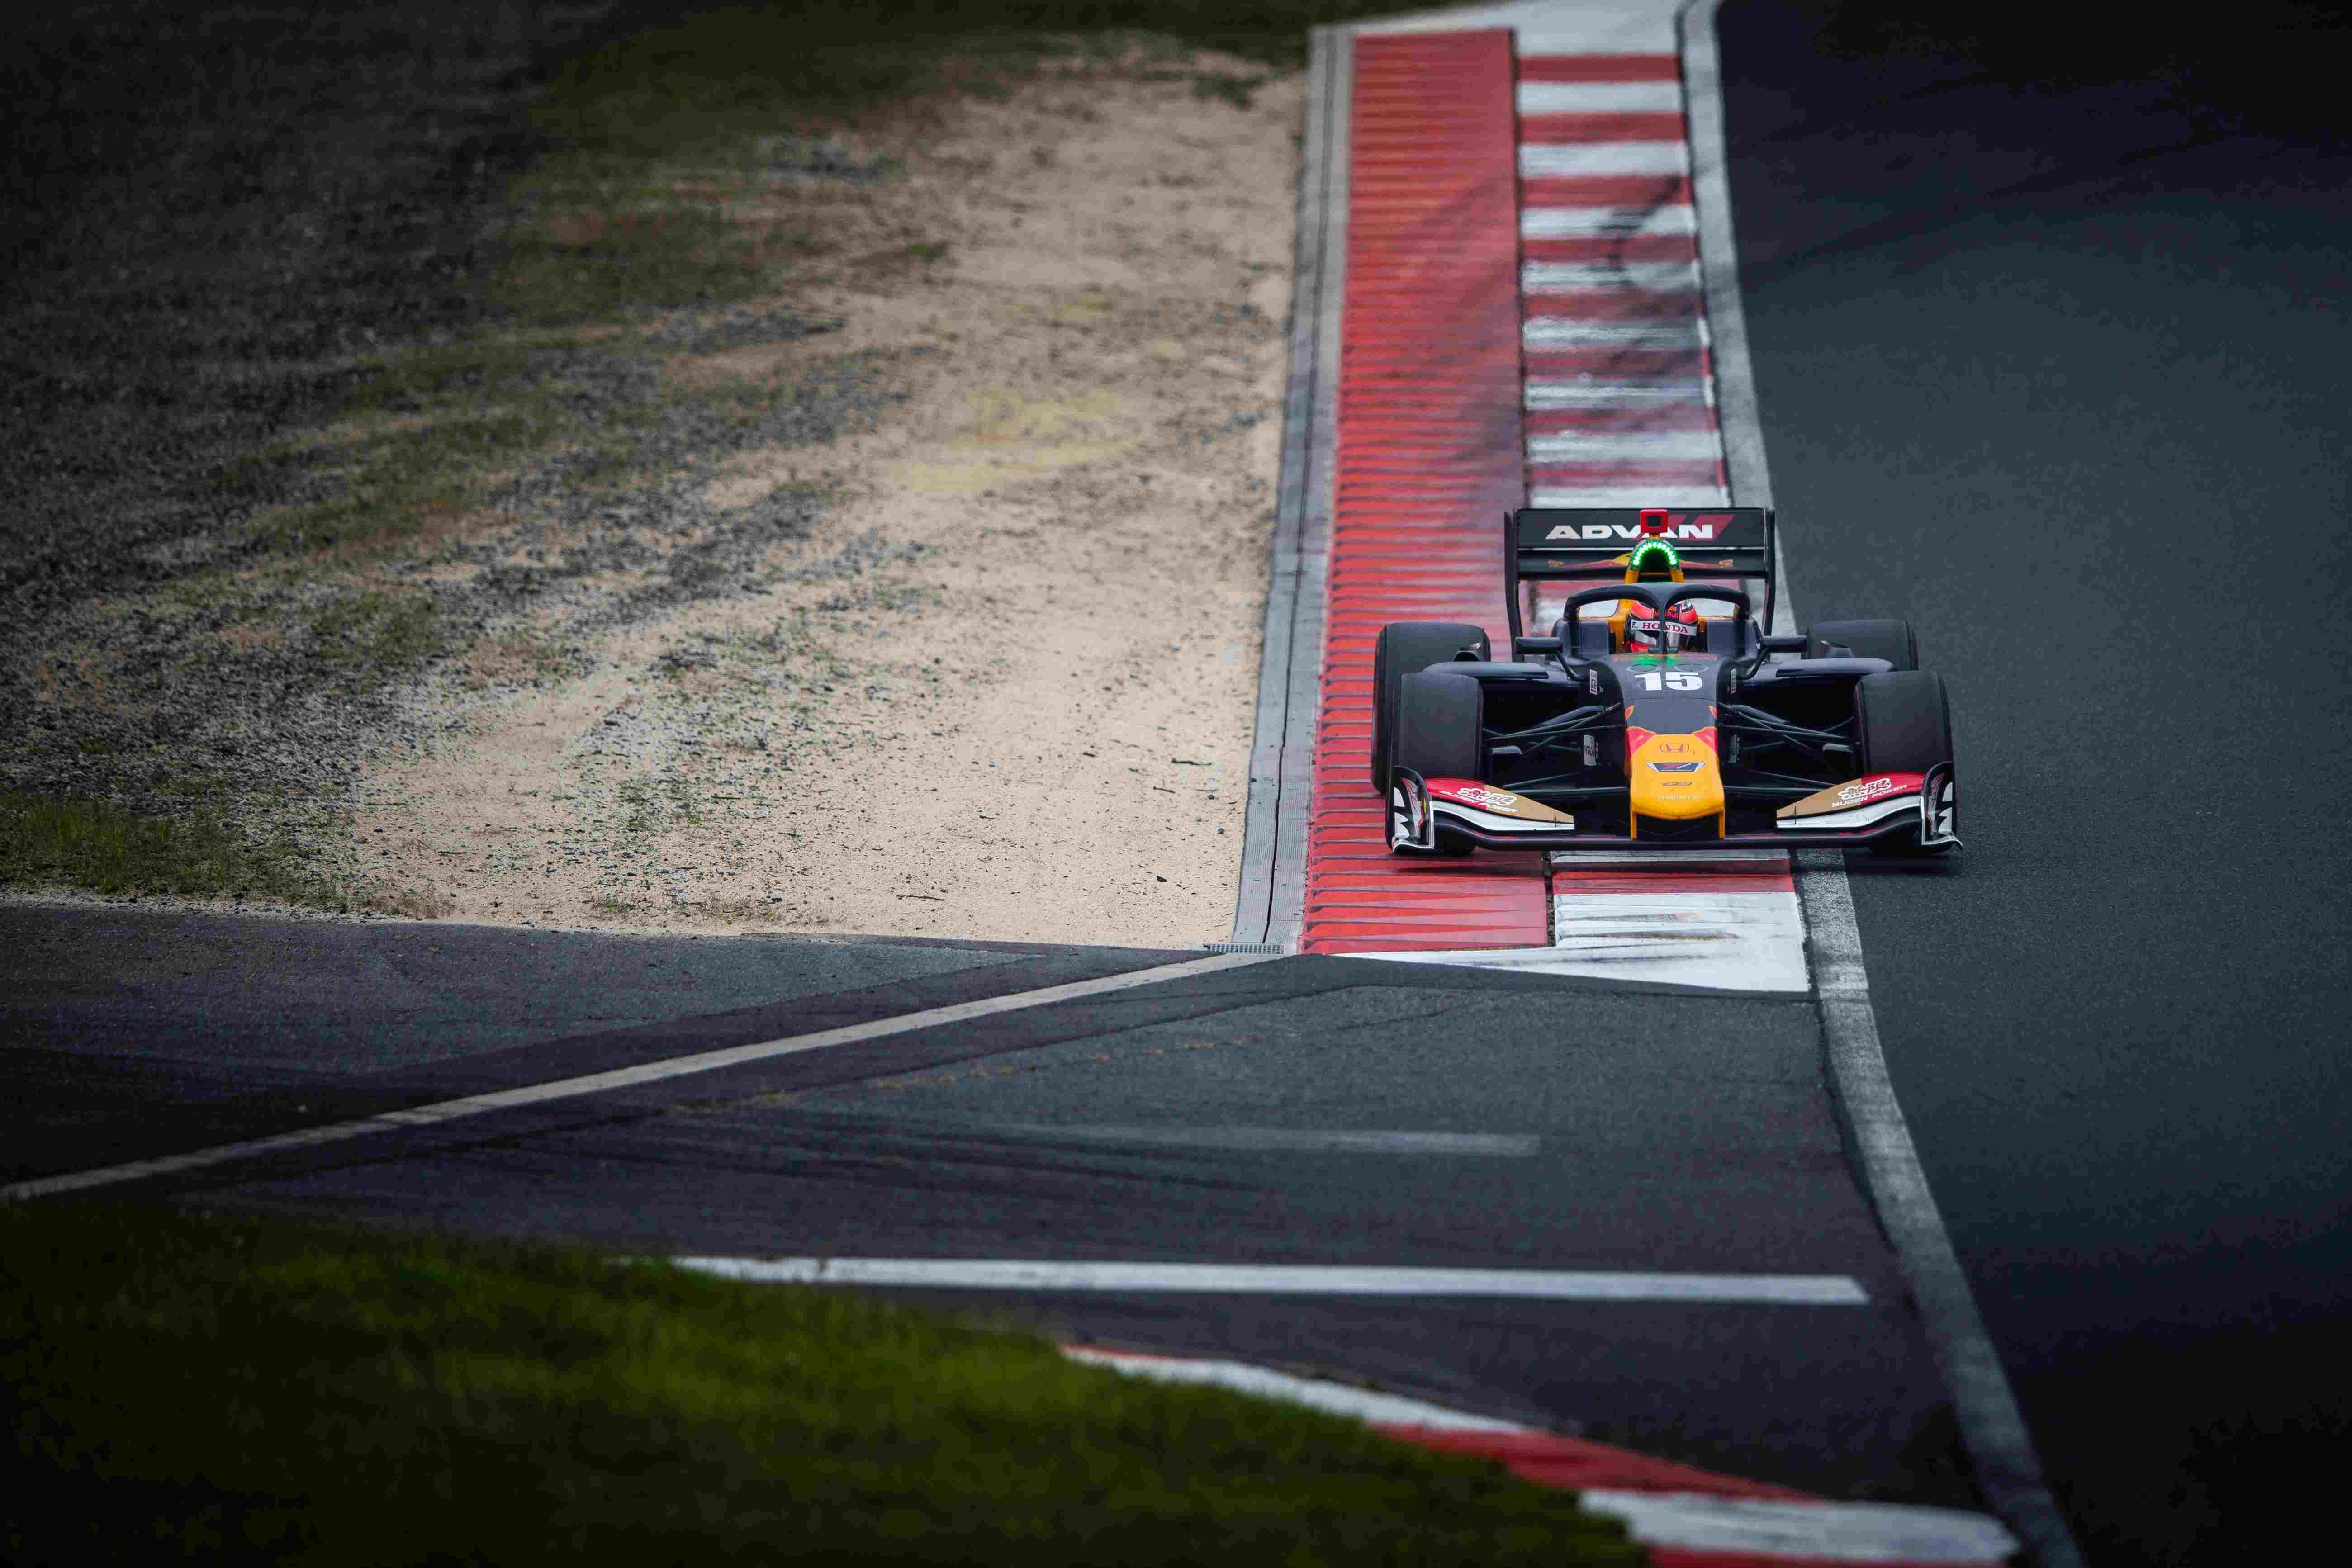 Sigue el baile de pilotos de Red Bull en Japón: Vips reemplaza a